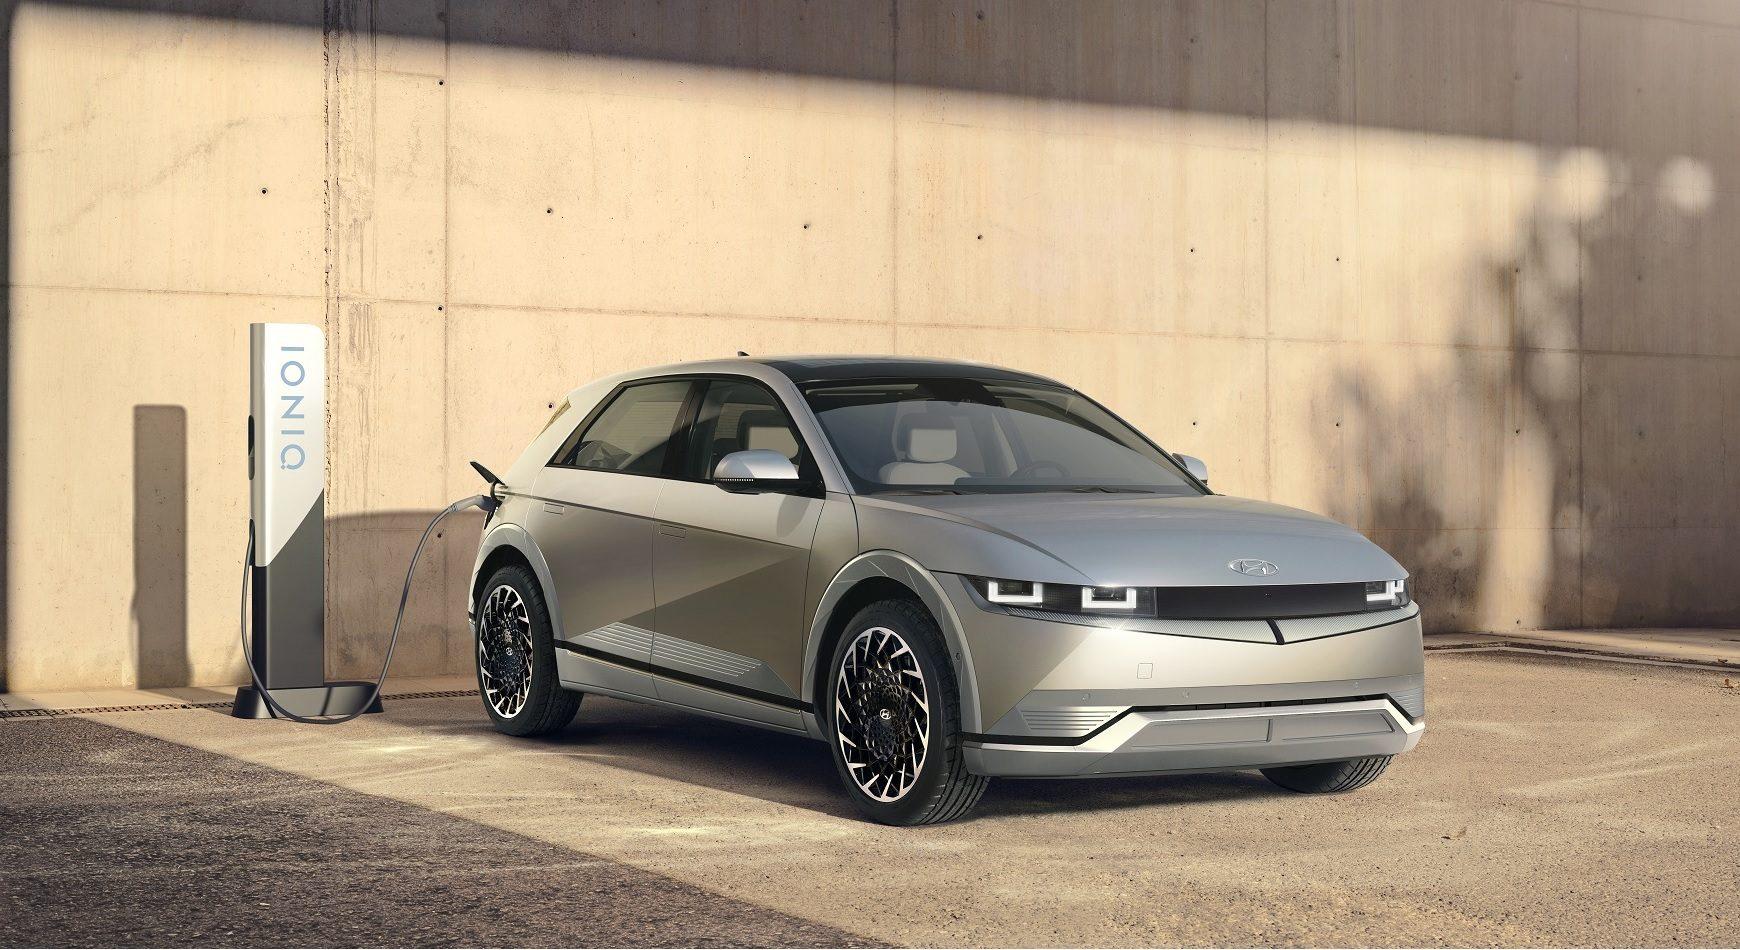 Novo Ioniq 5 chega esse ano, estreando a submarca elétrica da Hyundai